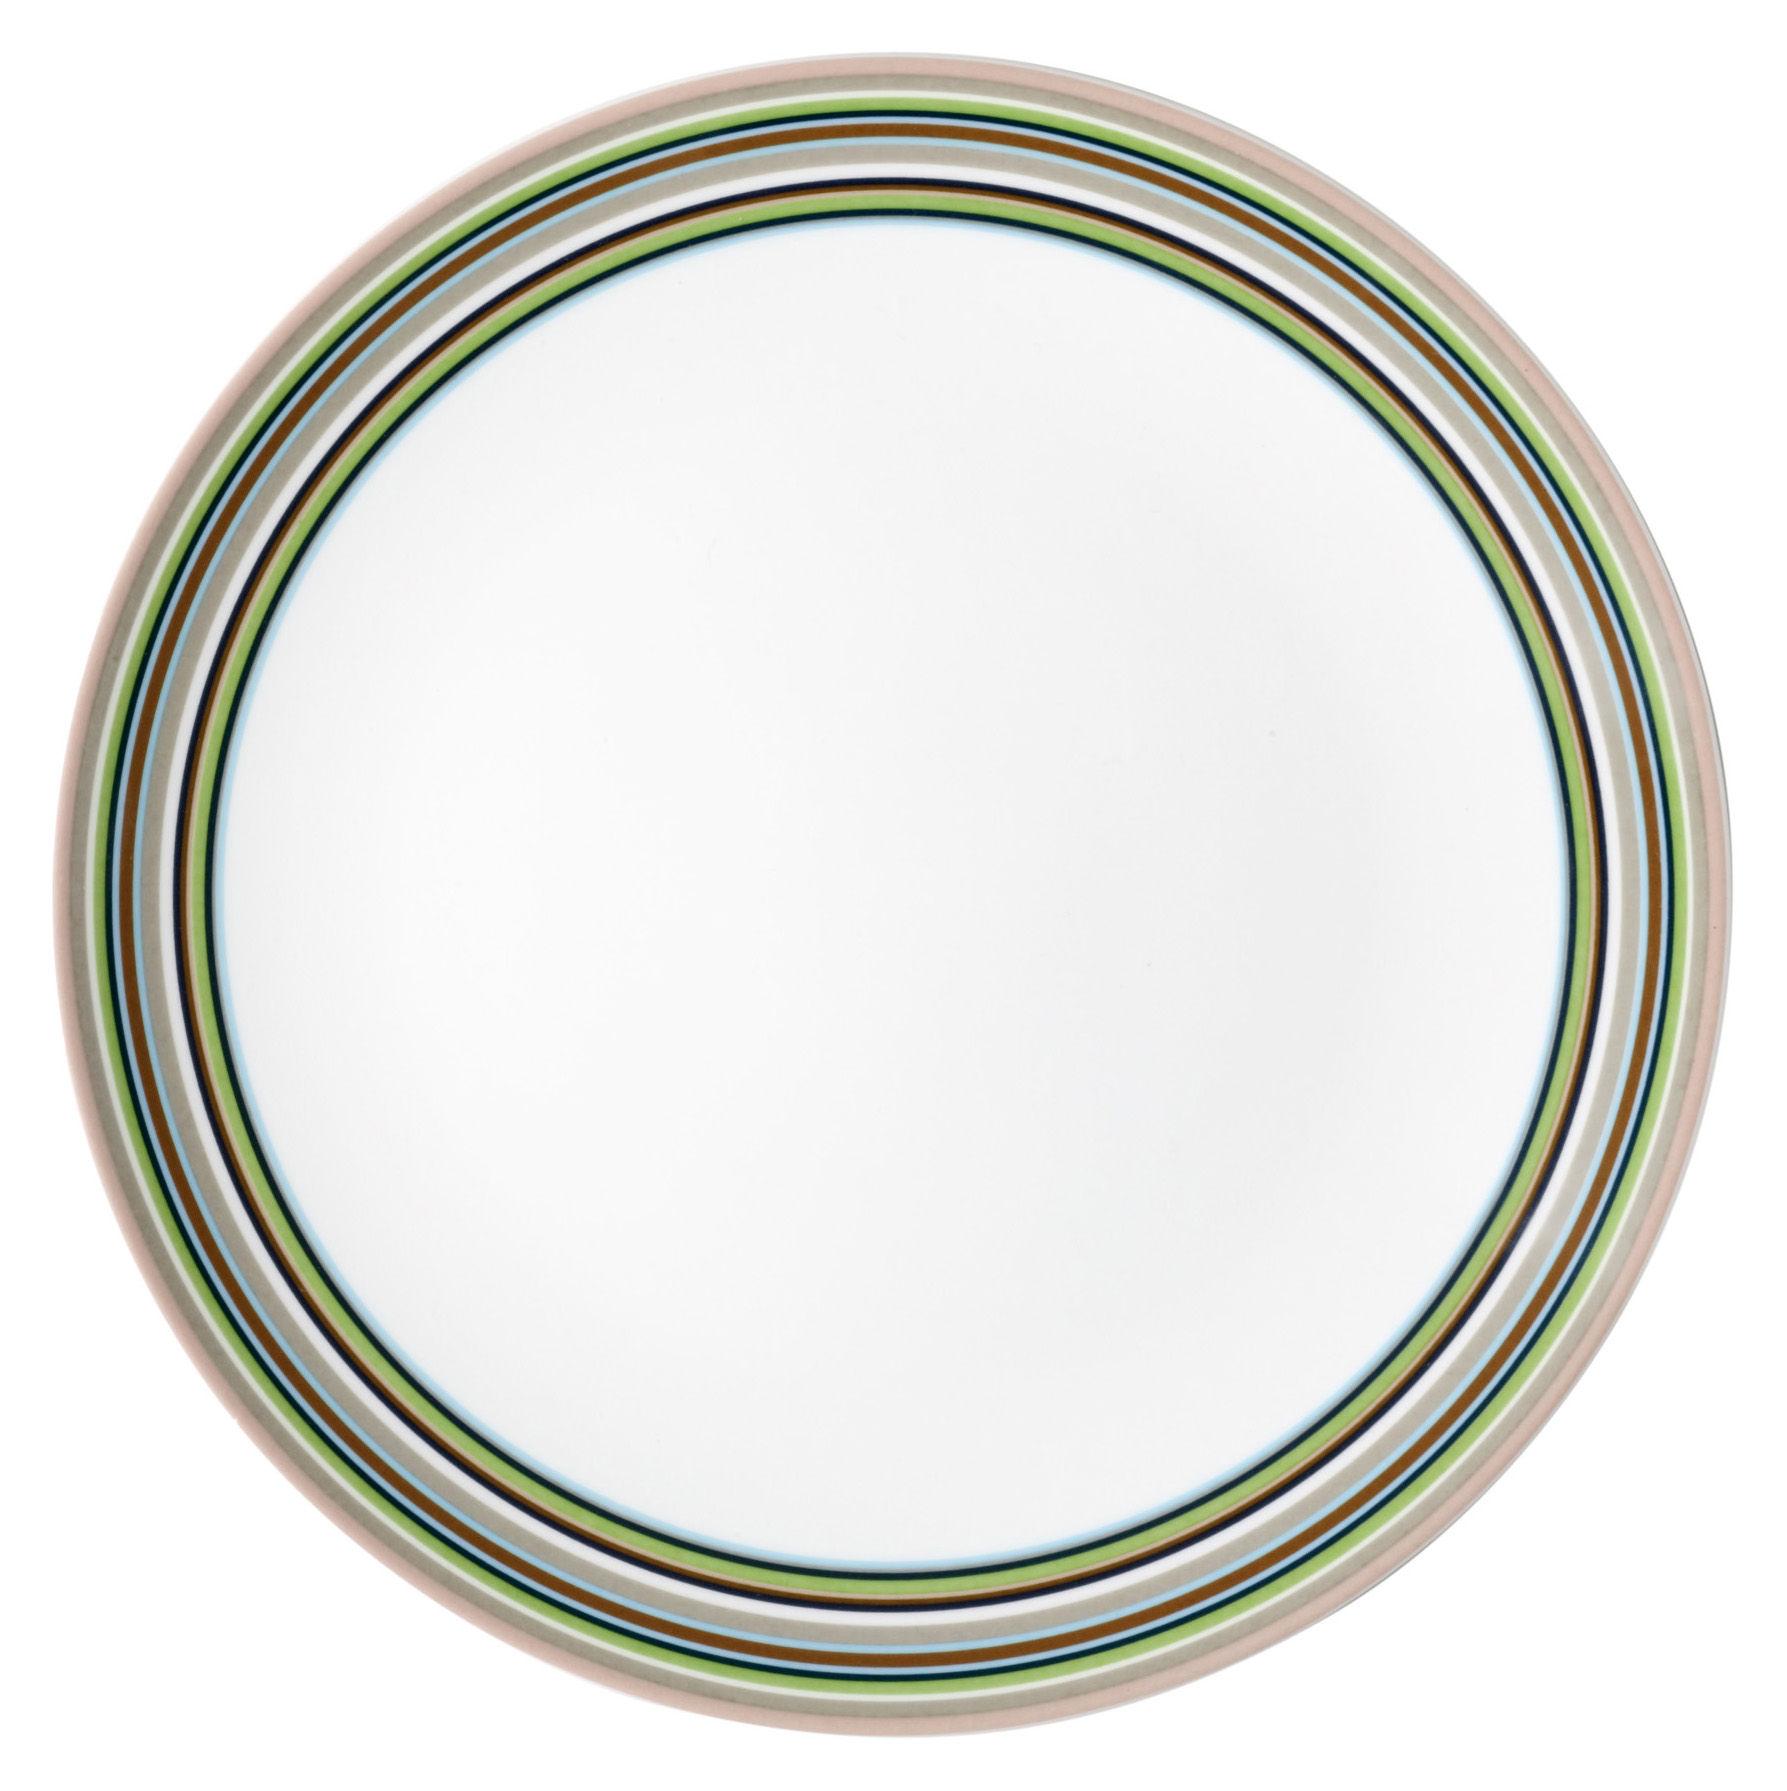 Tavola - Piatti  - Piatto Origo - Ø 26 cm di Iittala - Righe beige - Porcellana